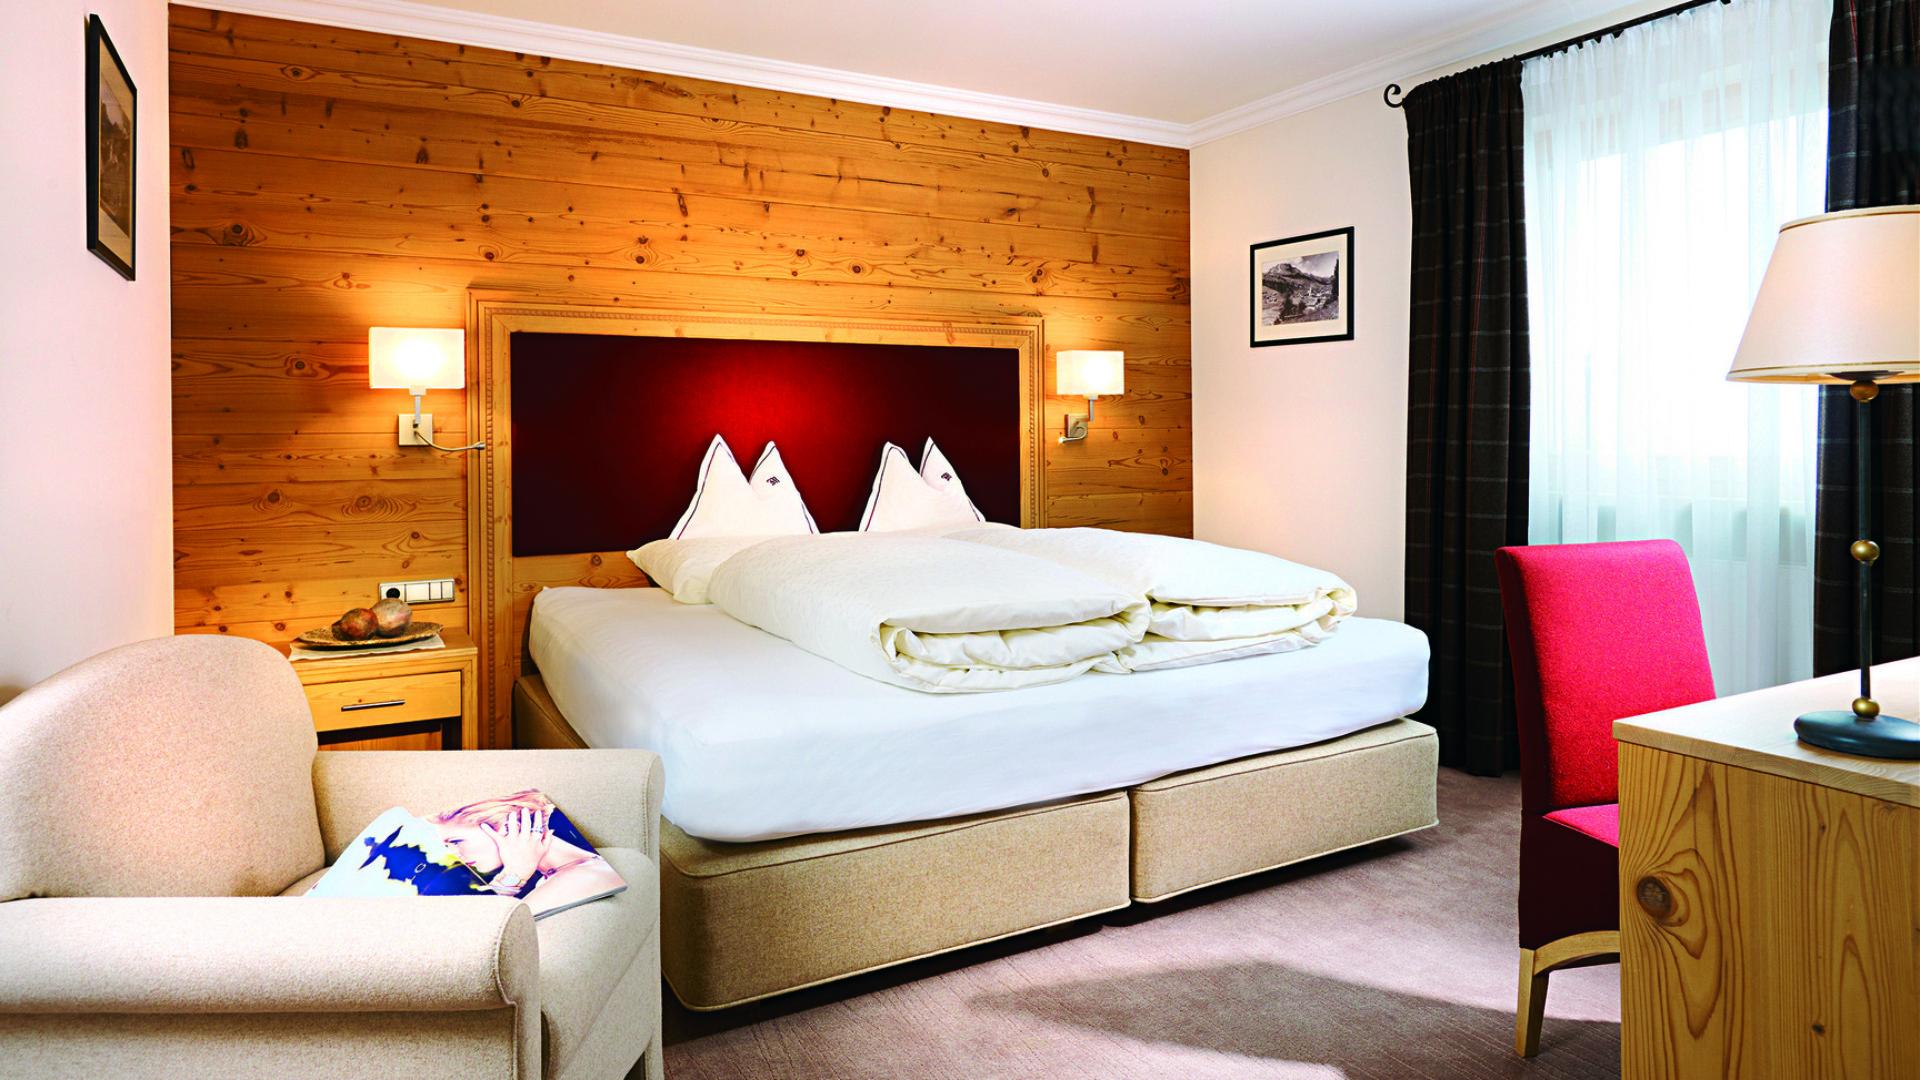 Die Suite Karhorn im Hotel und Chalet Madlochblick in Lech am Arlberg.